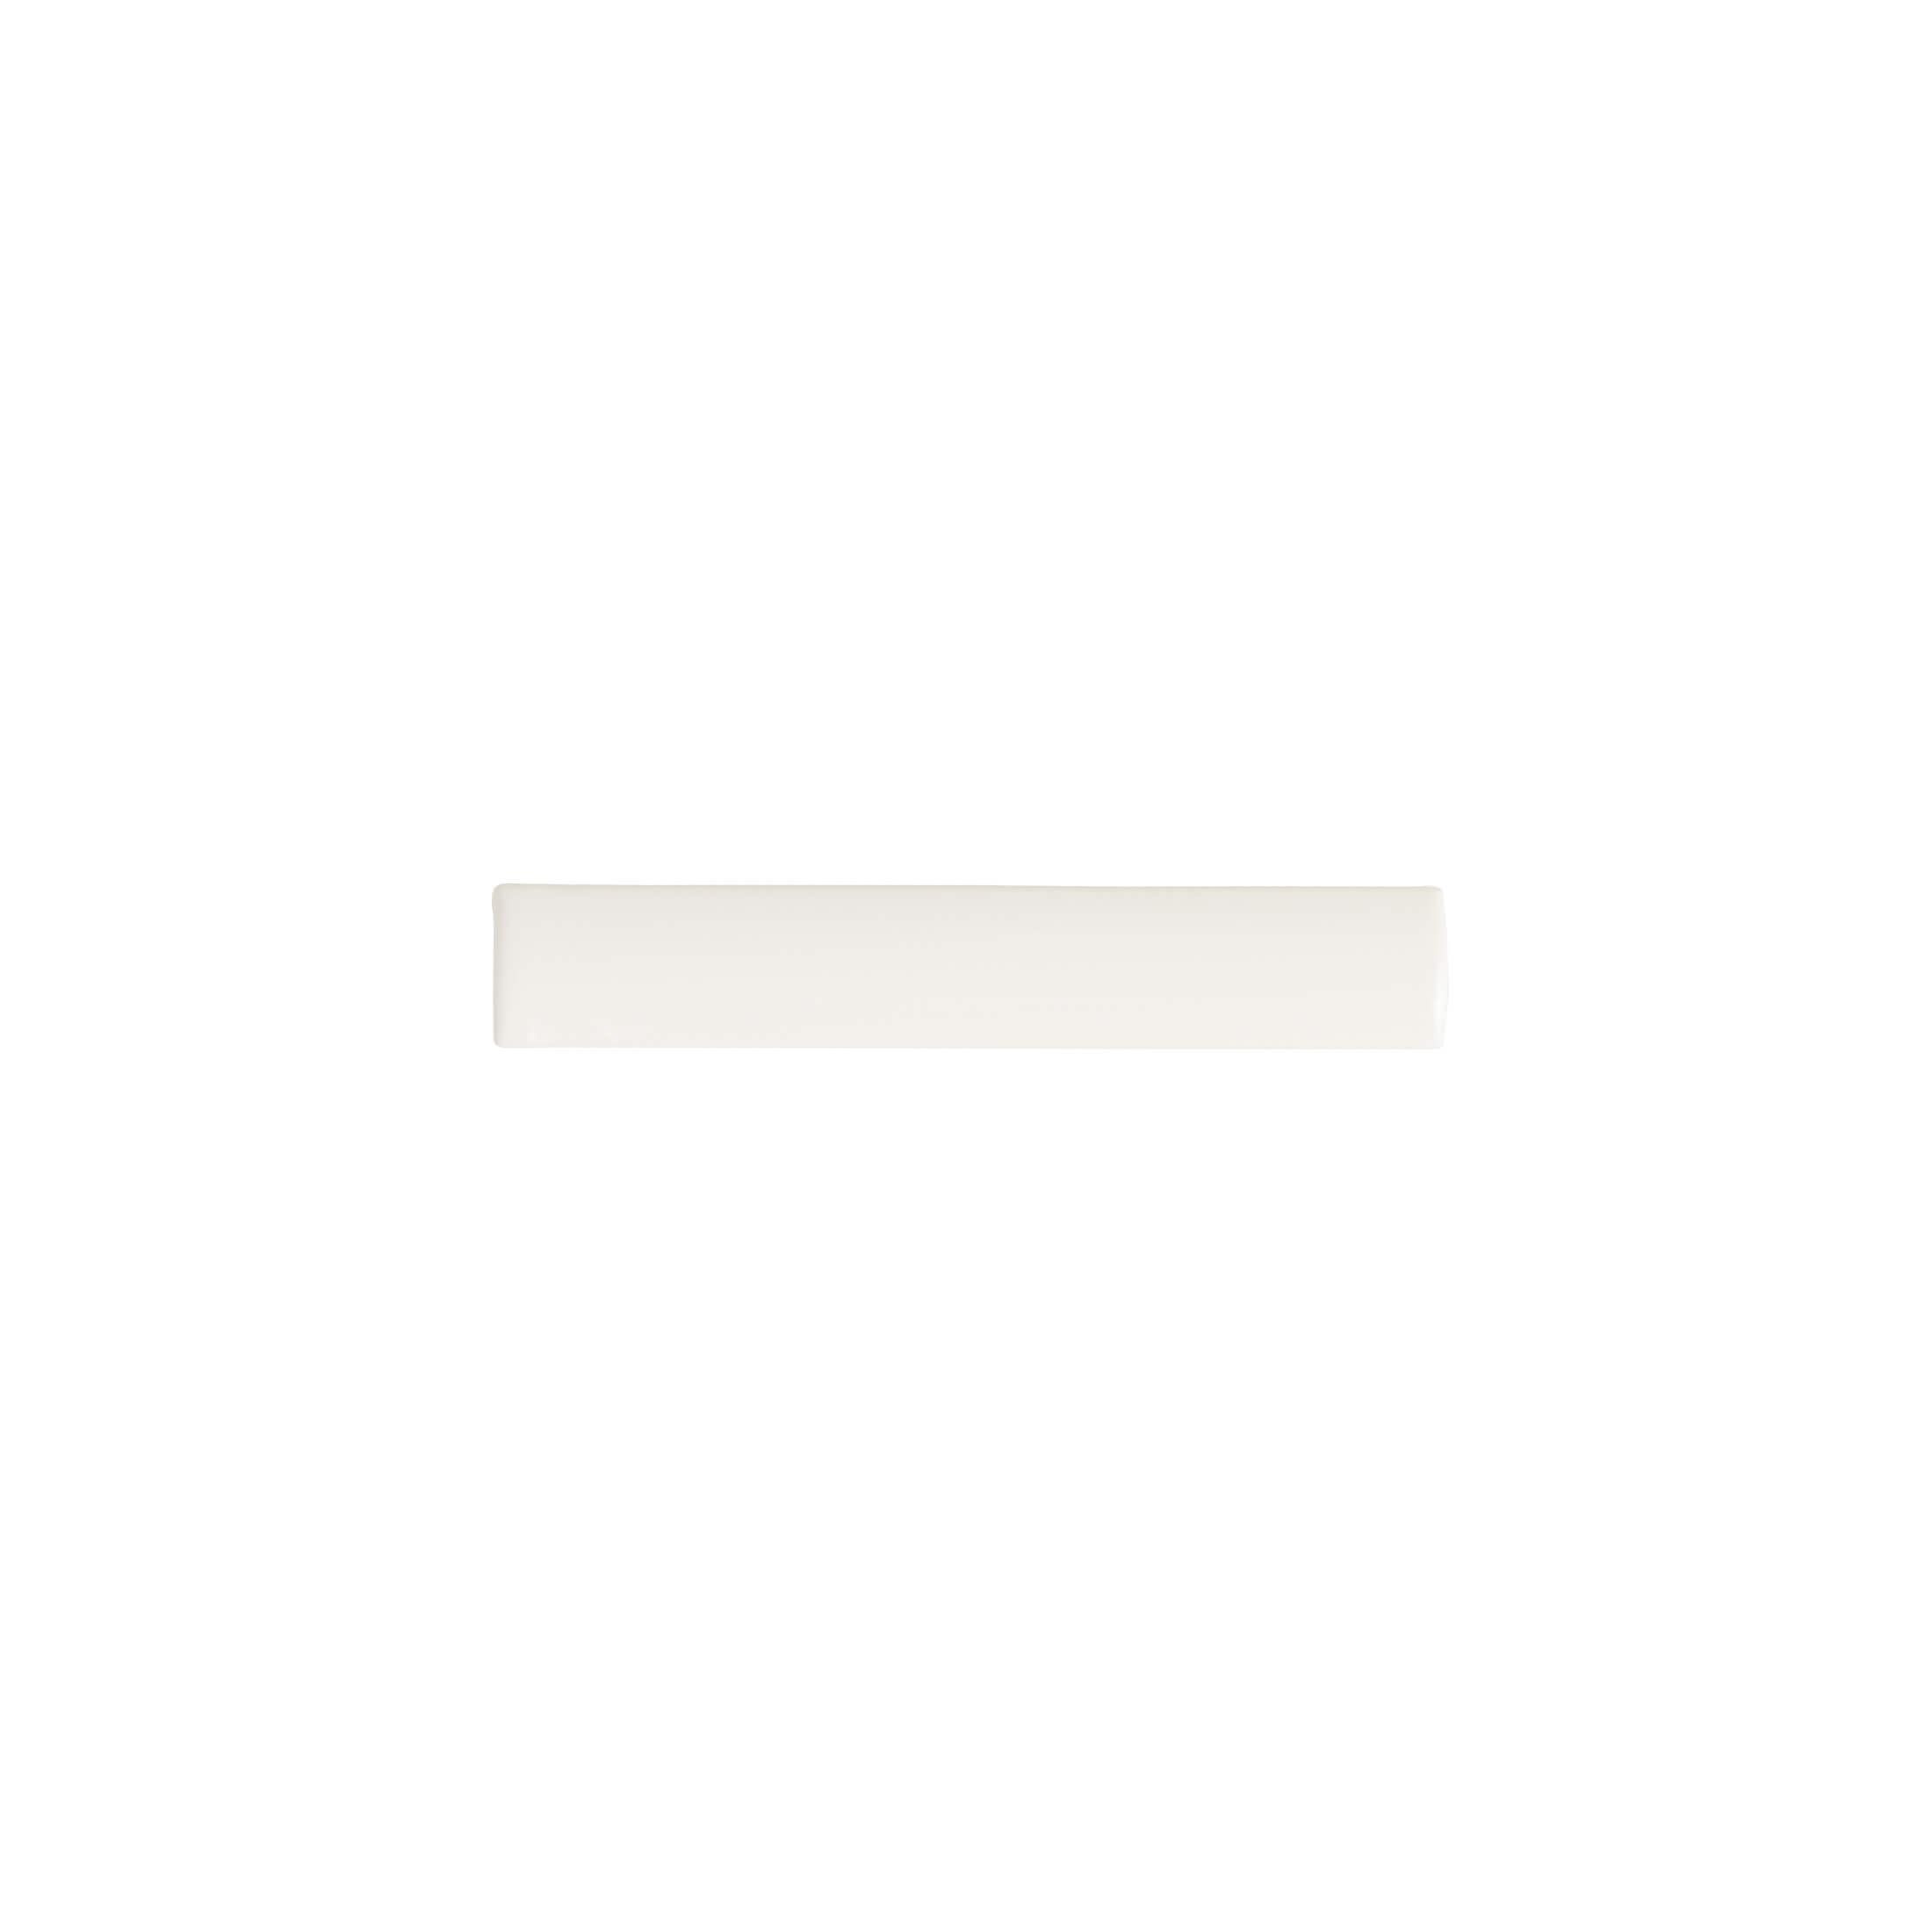 ADEX-ADNE5148-CUBRECANTO-PB  -2.5 cm-15 cm-NERI>BISCUIT